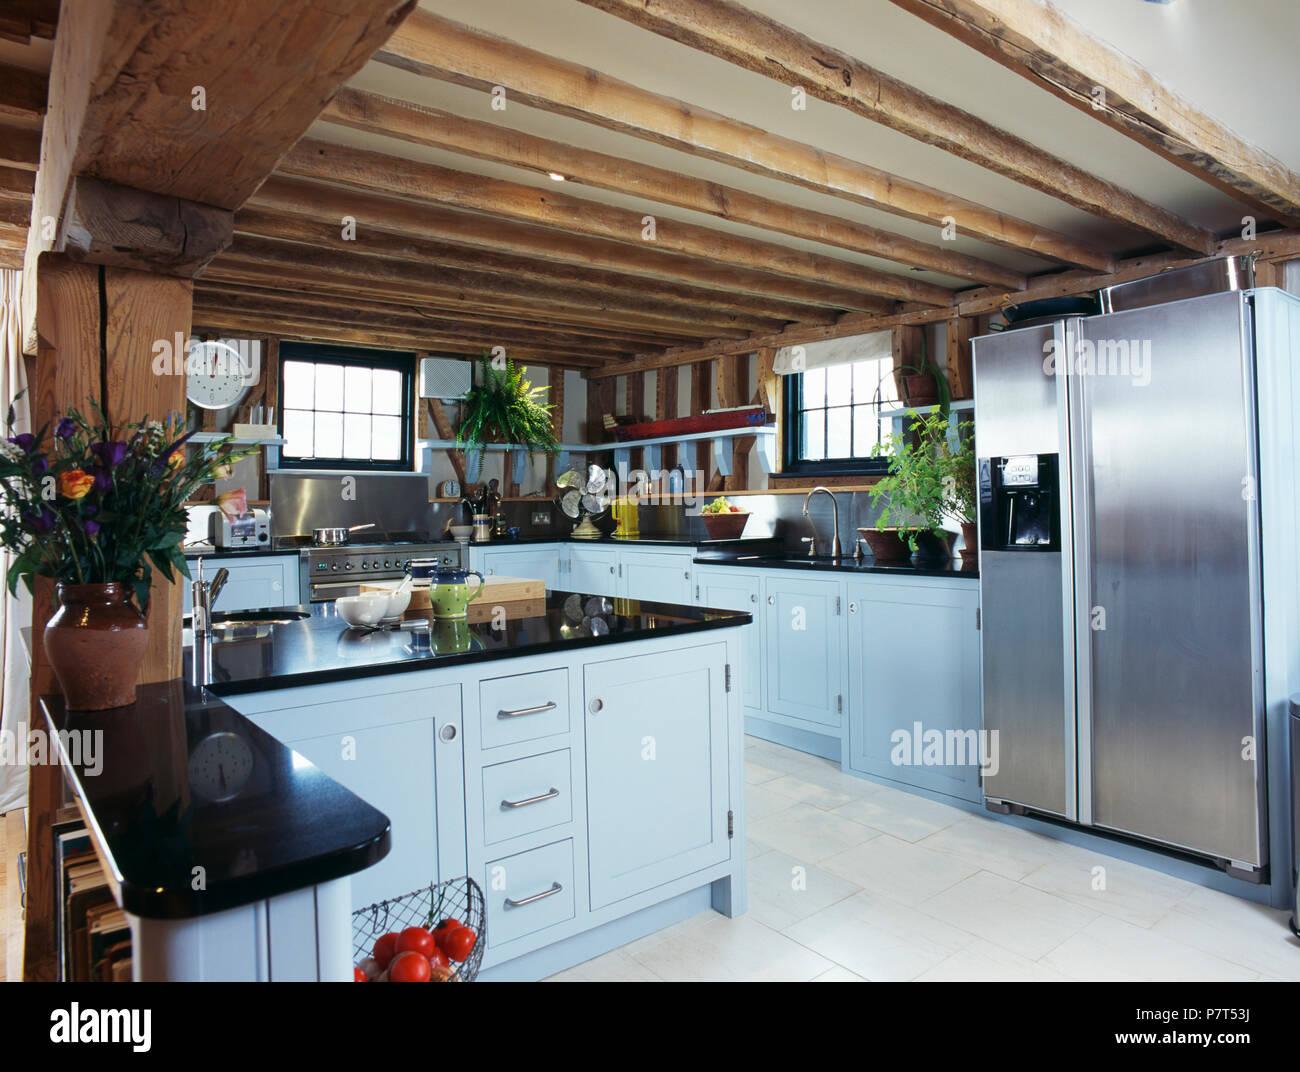 Amerikanischer Kühlschrank Edelstahl : Edelstahl amerikanischem kühlschrank mit gefrierfach in